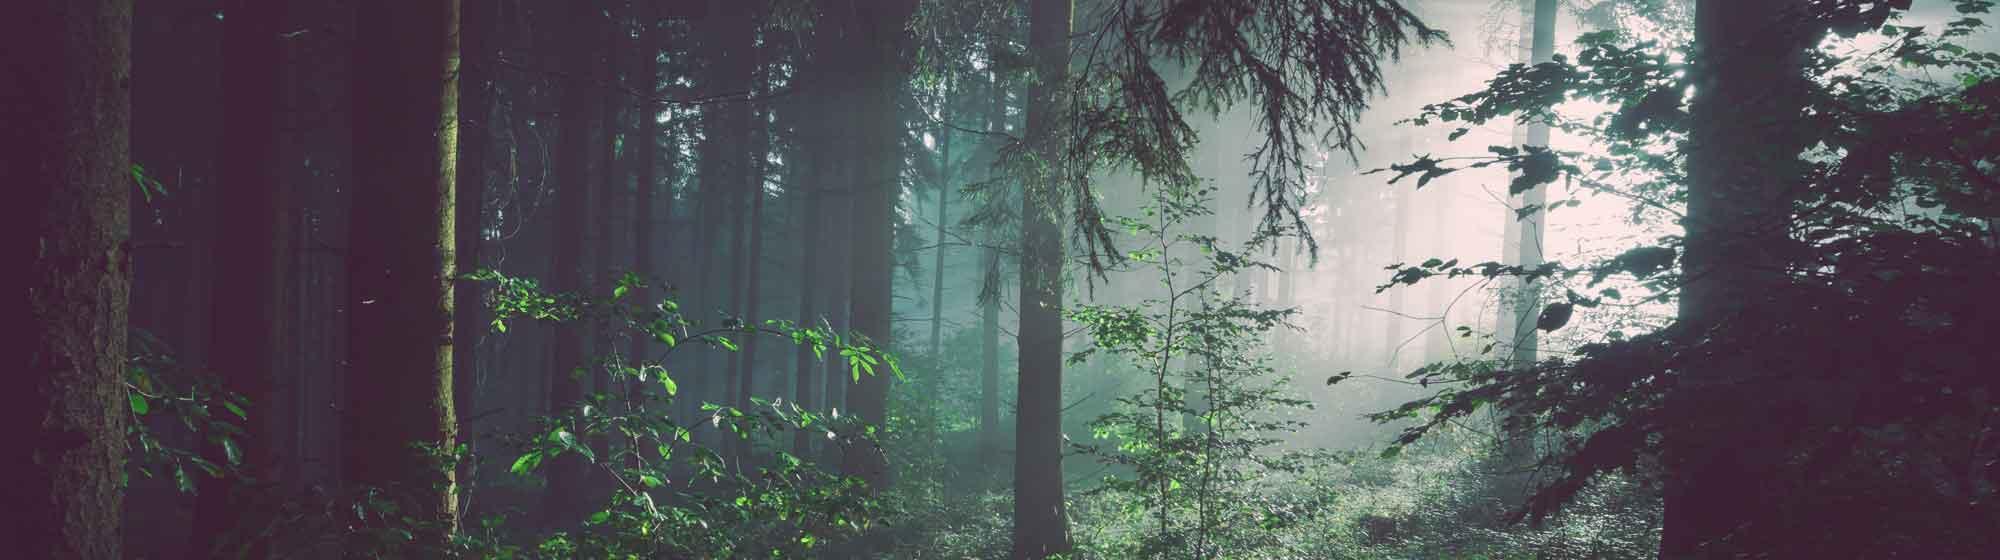 Forêt nature promos slide